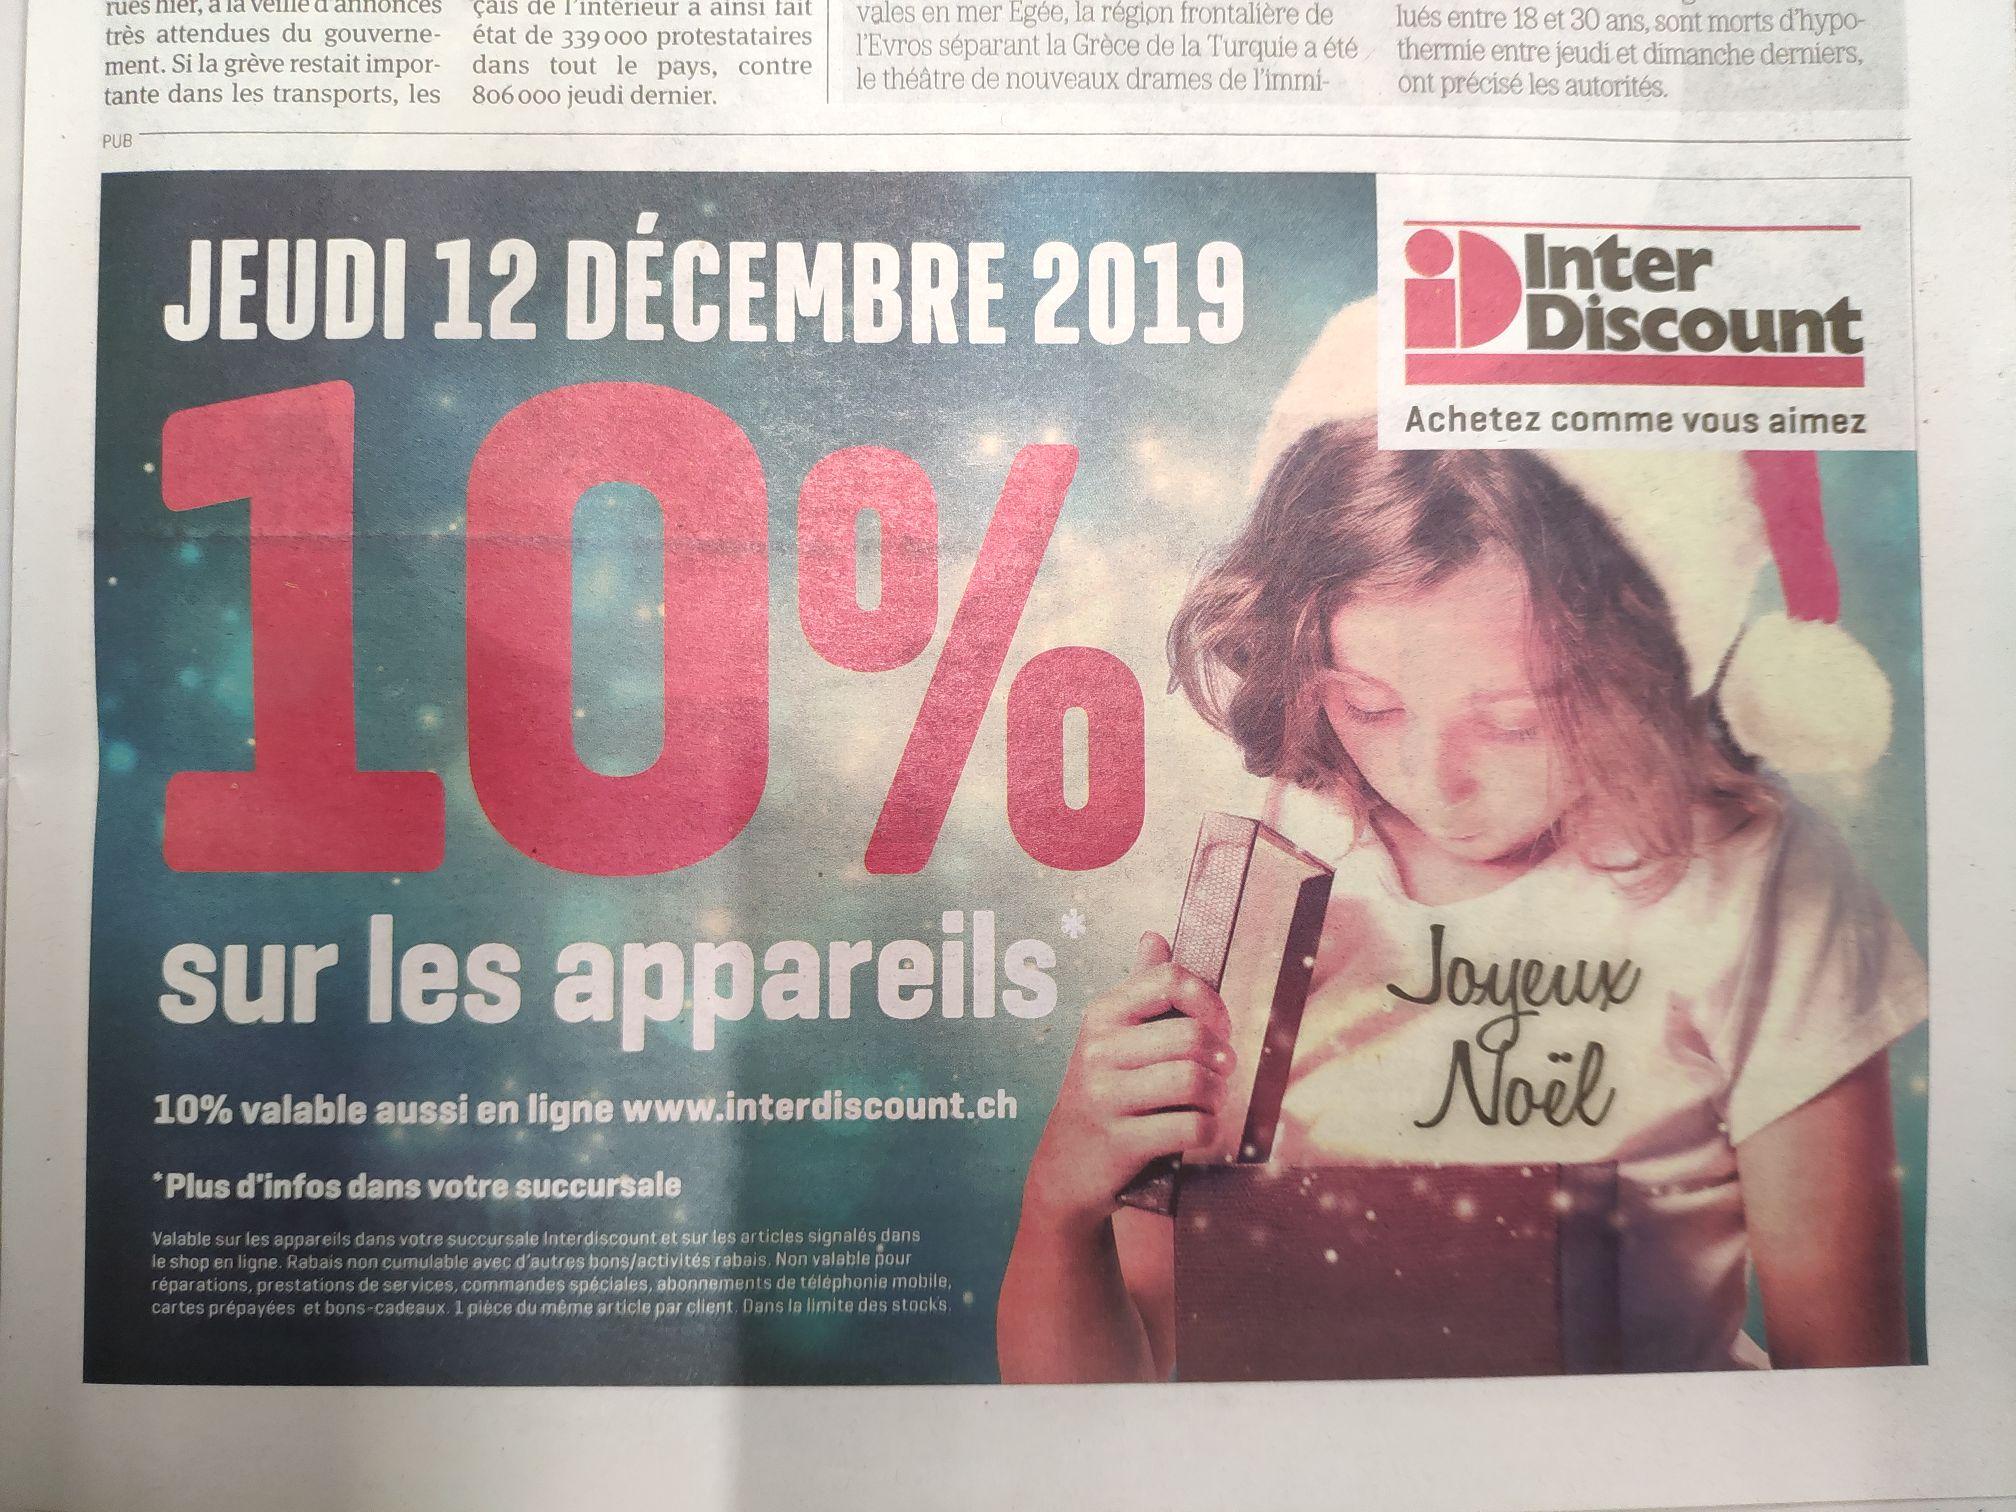 10% de réduction sur tout les appareils (Frontaliers Suisse)